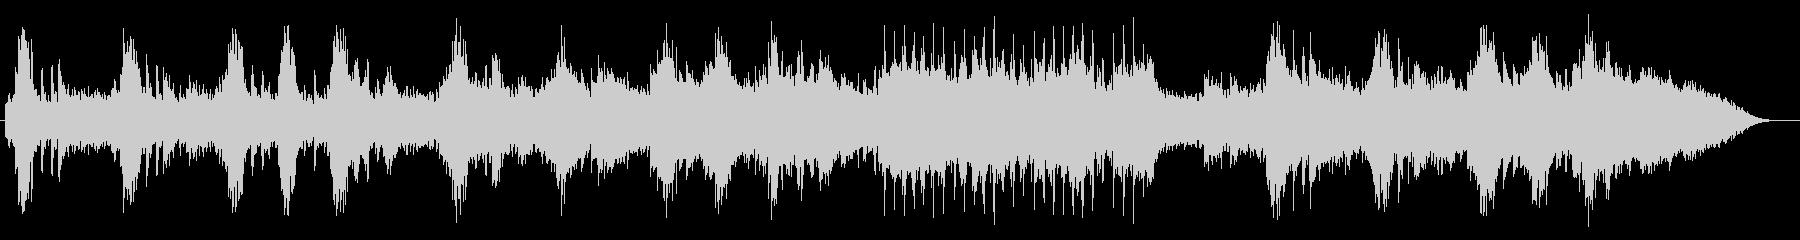 ゆったり壮大ピアノシンセサイザーサウンドの未再生の波形